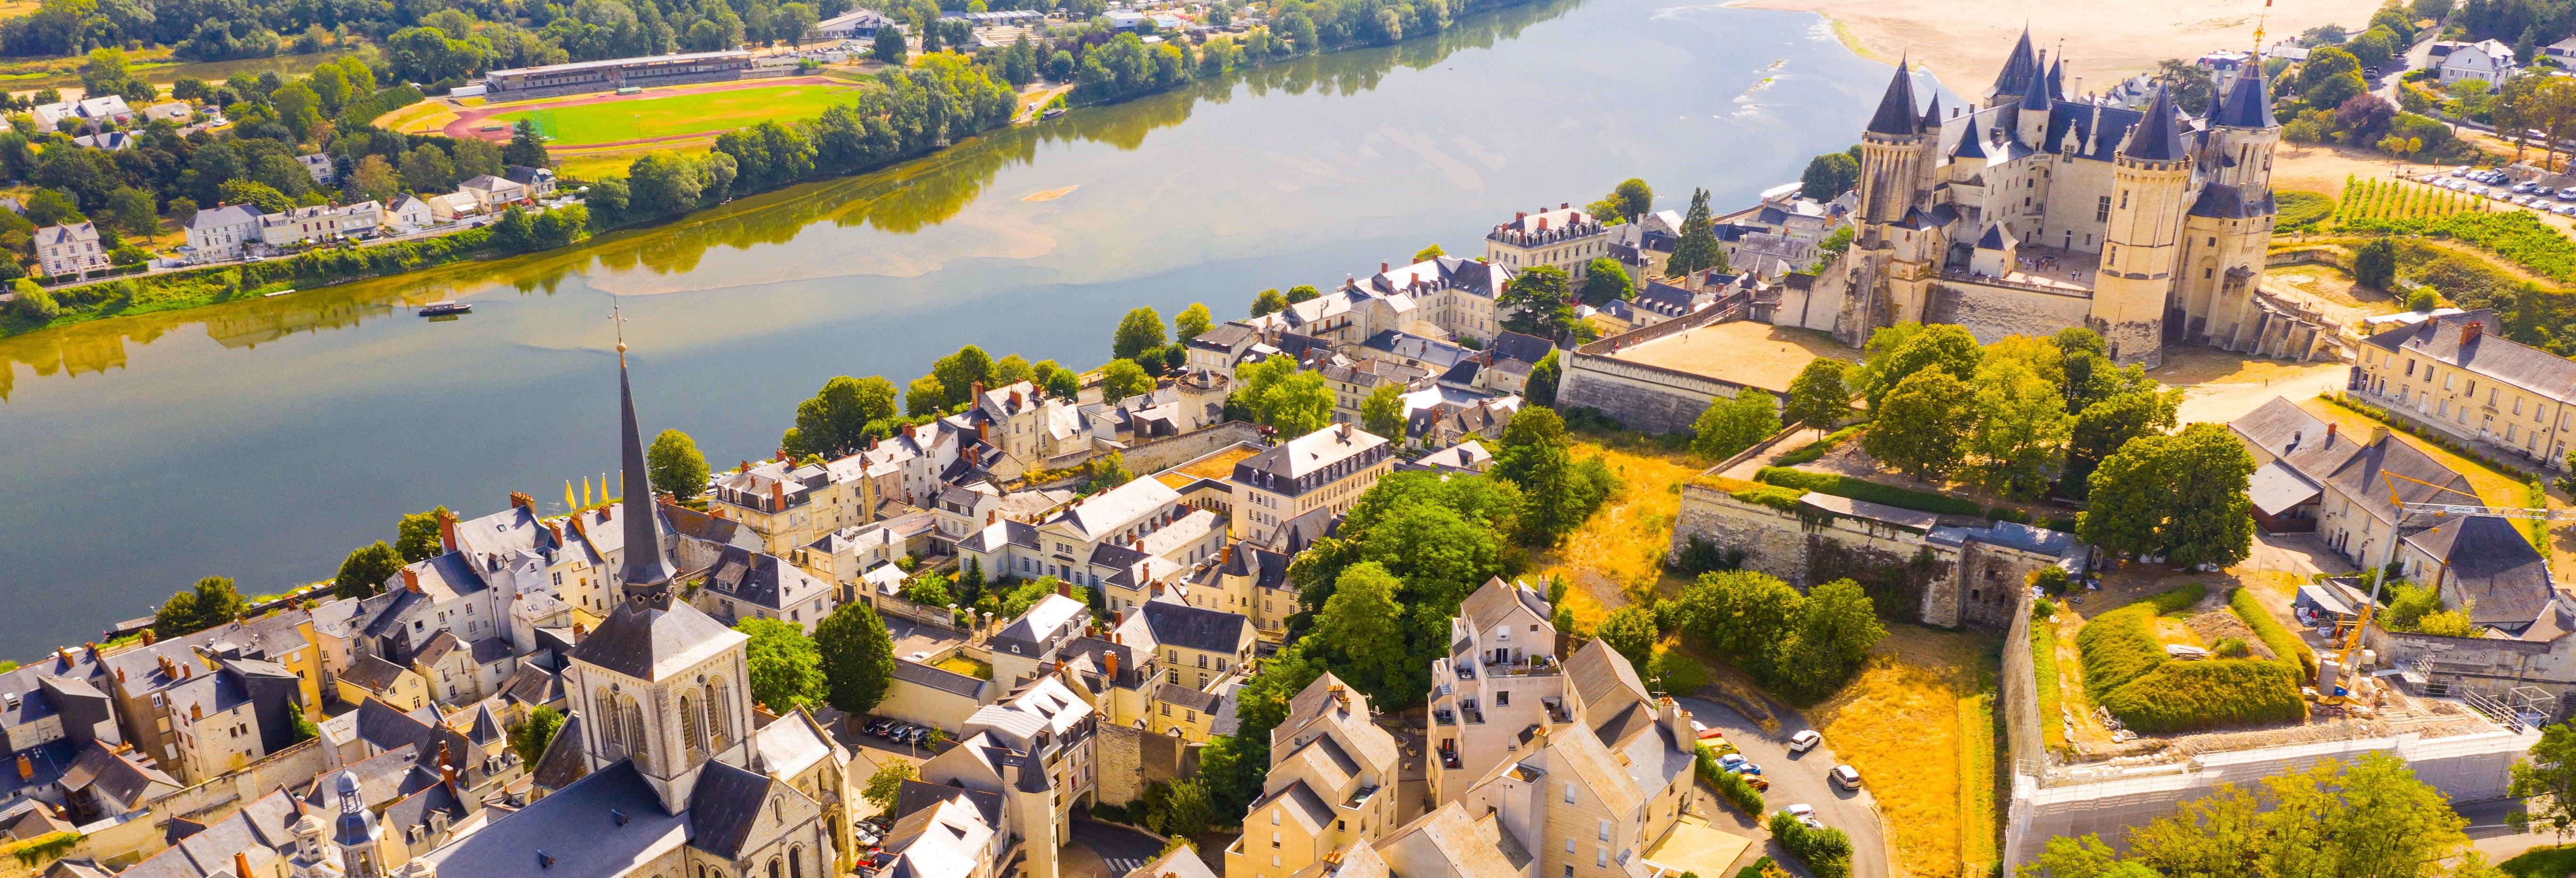 Paseo en barco por el río Loira